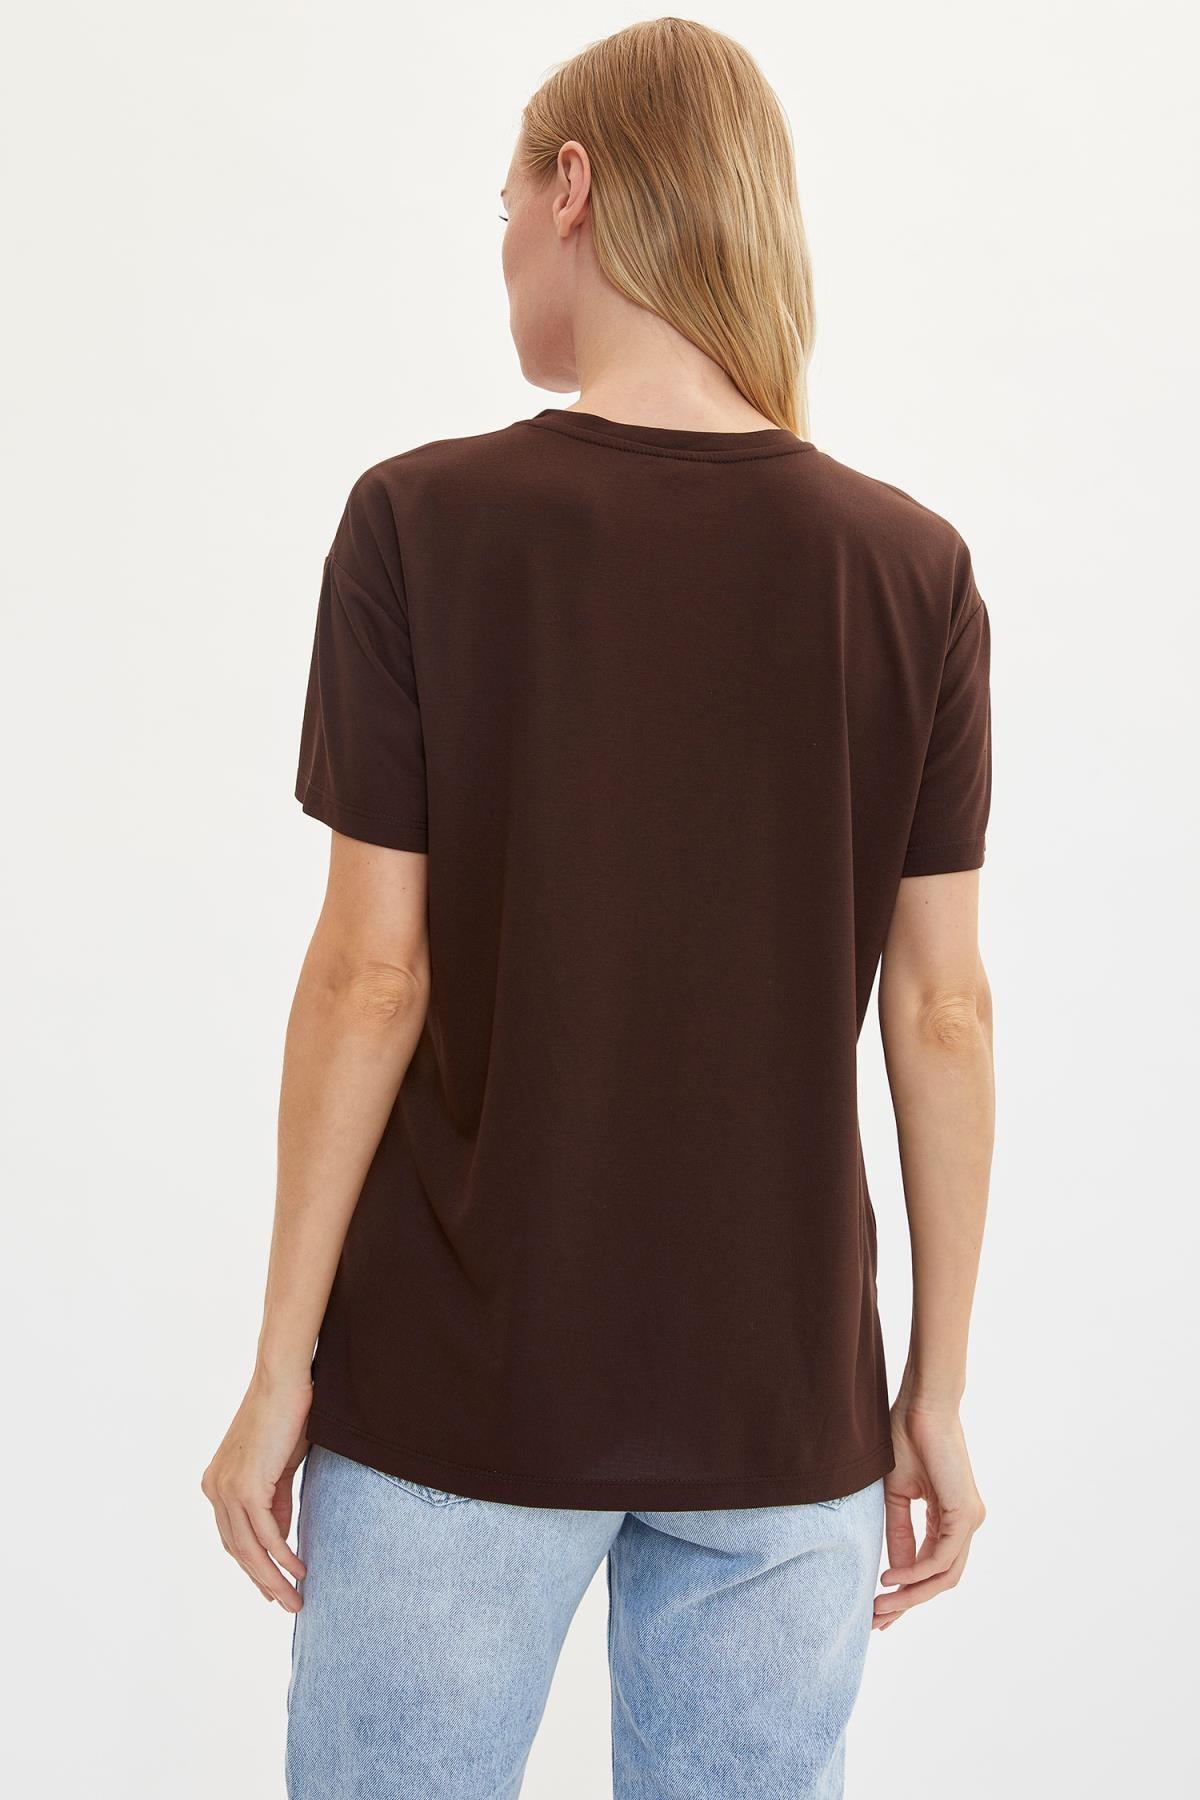 Defacto Kadın Kahverengi Baskılı Regular Fit T-Shirt M1868AZ.19AU.BN45 4